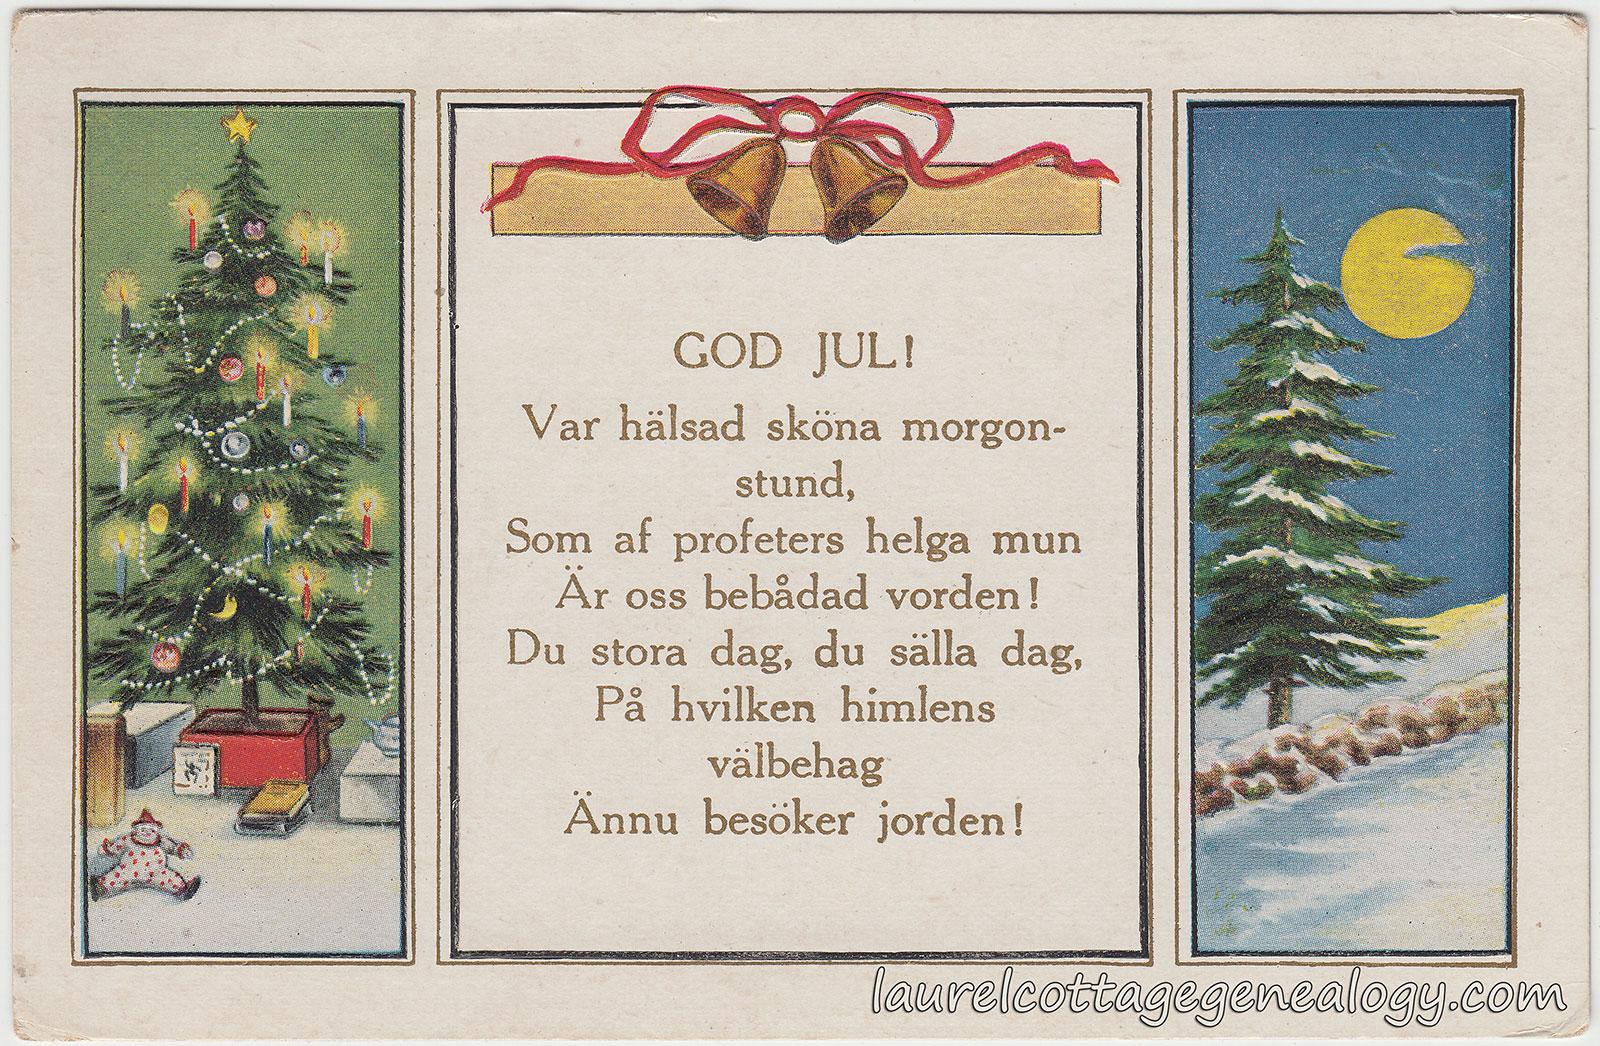 God Jul Laurel Cottage Genealogy